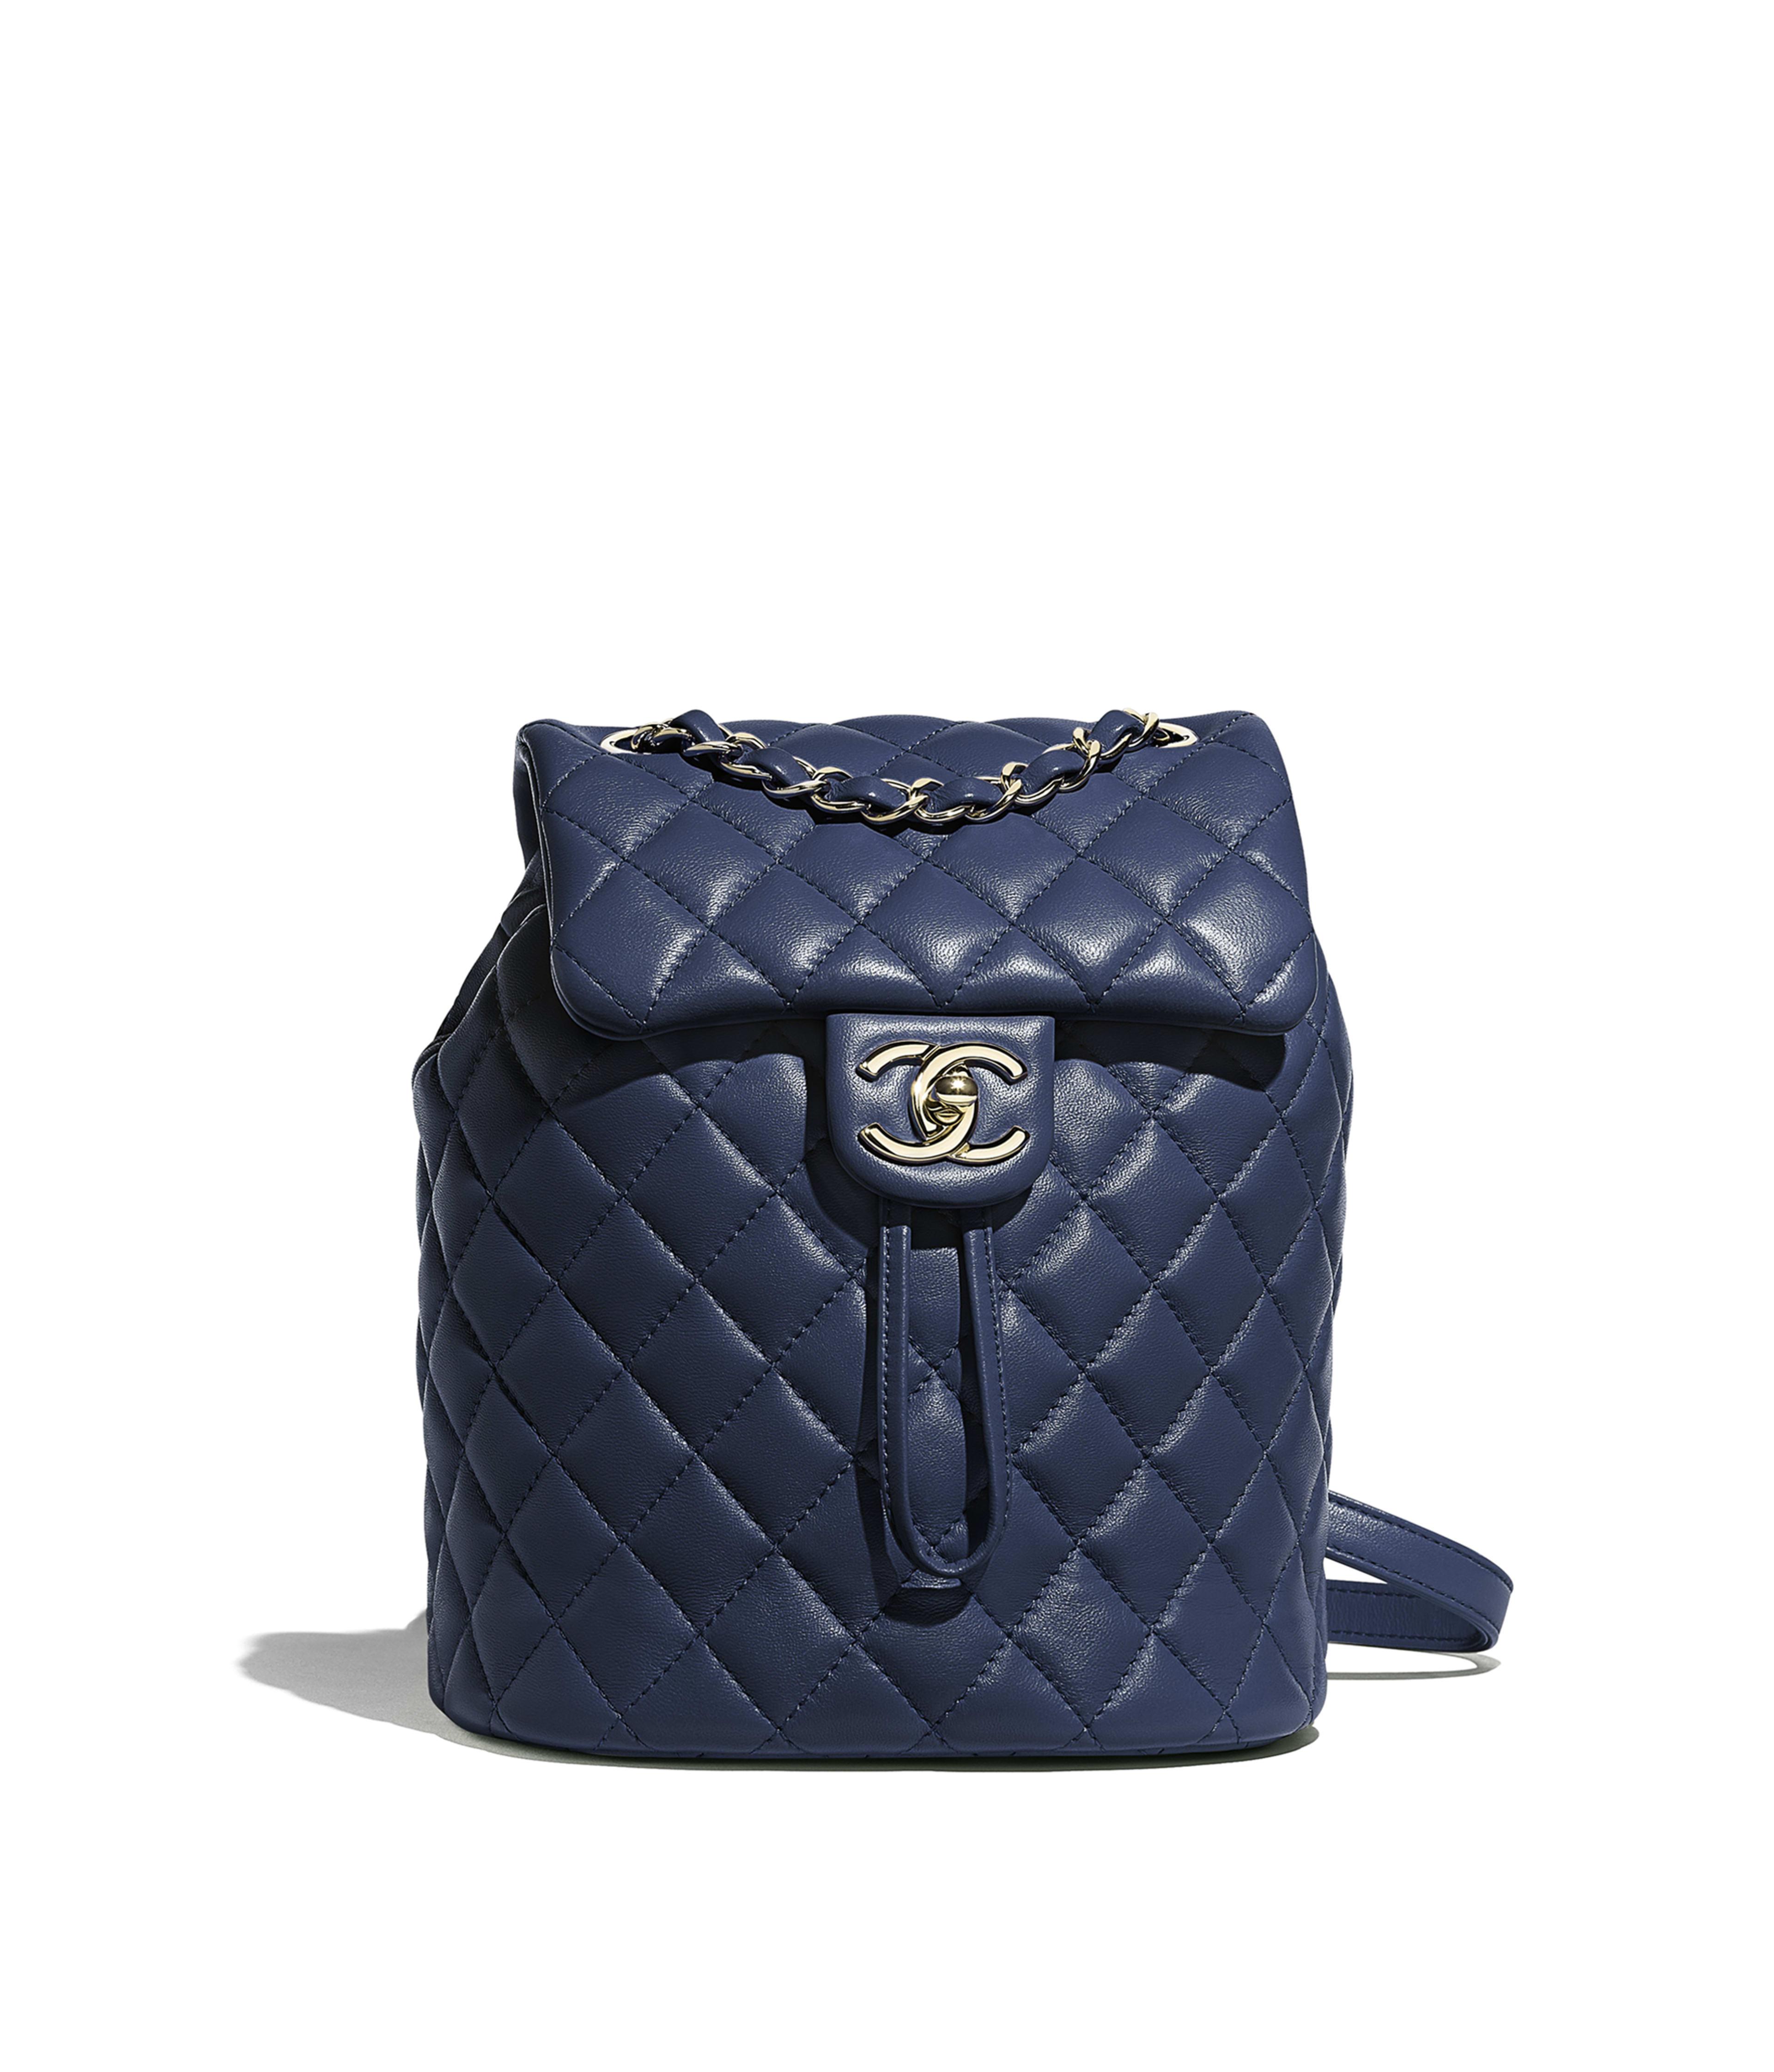 ae234c0039e3 Backpack Lambskin & Gold-Tone Metal, Navy Blue Ref. A69964B00250N0417